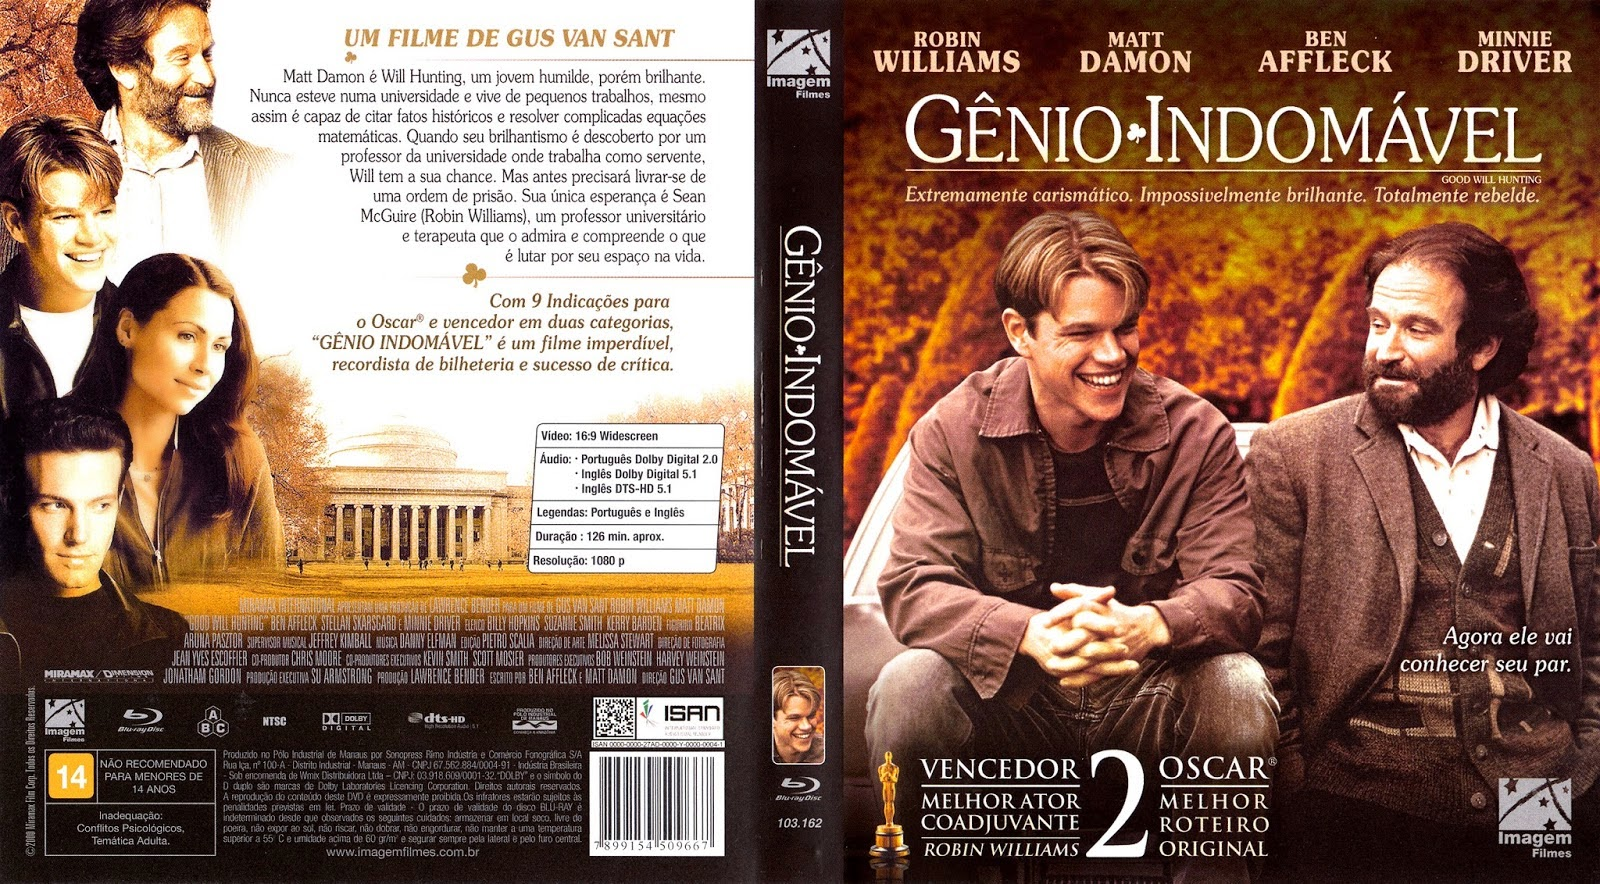 Gênio Indomavel intended for gênio indomável dvd original - matt damon - r$ 25,00 em mercado livre